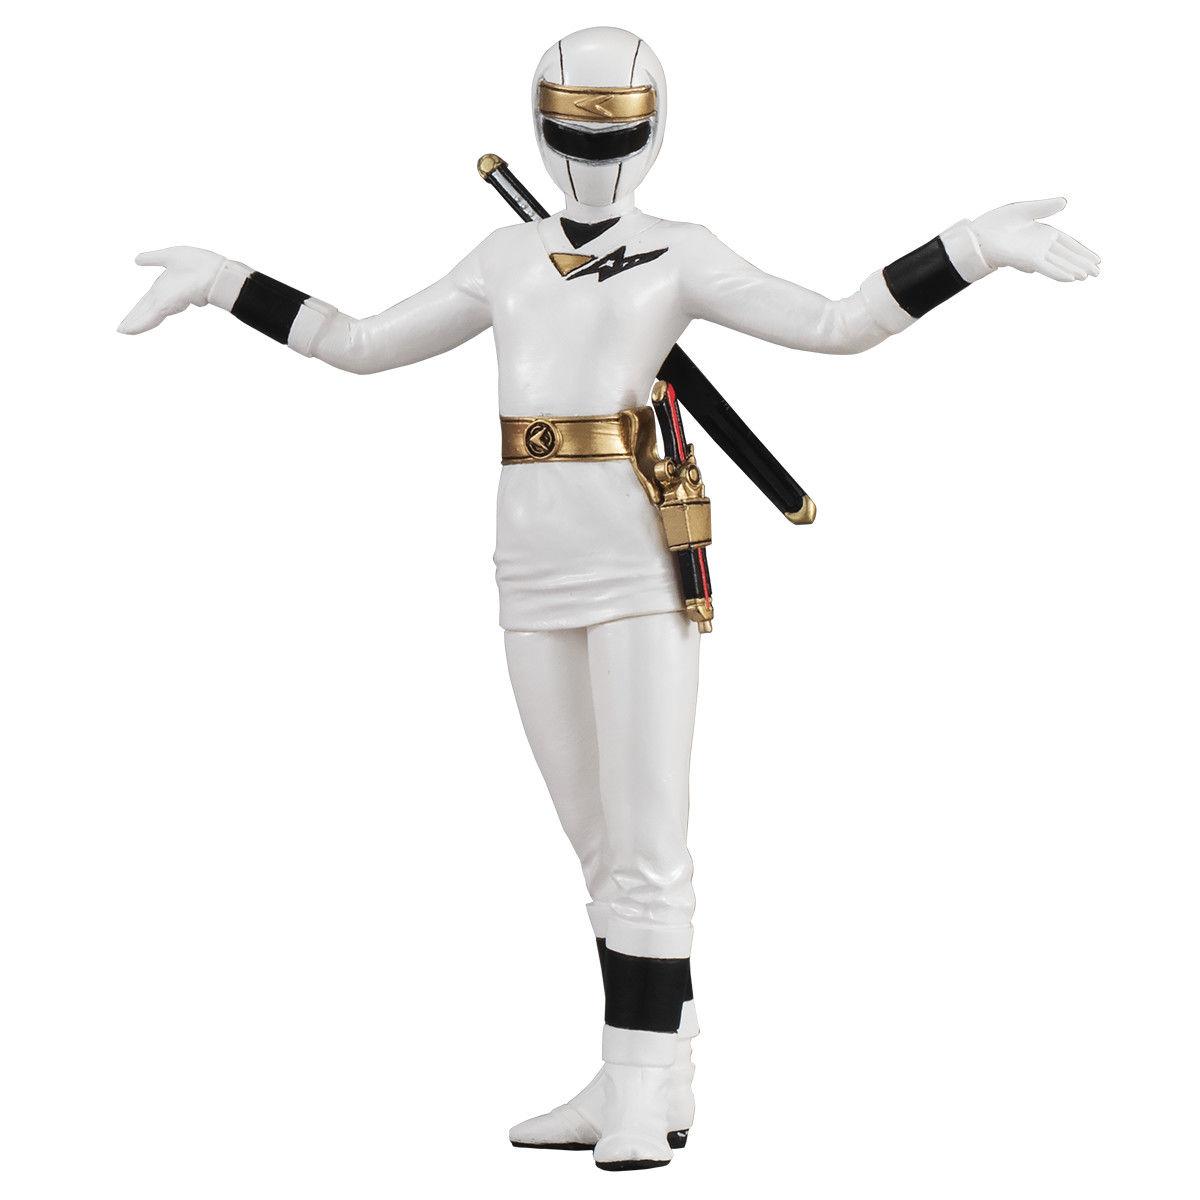 【限定販売】HGシリーズ『HG忍者戦隊カクレンジャー』セット-003